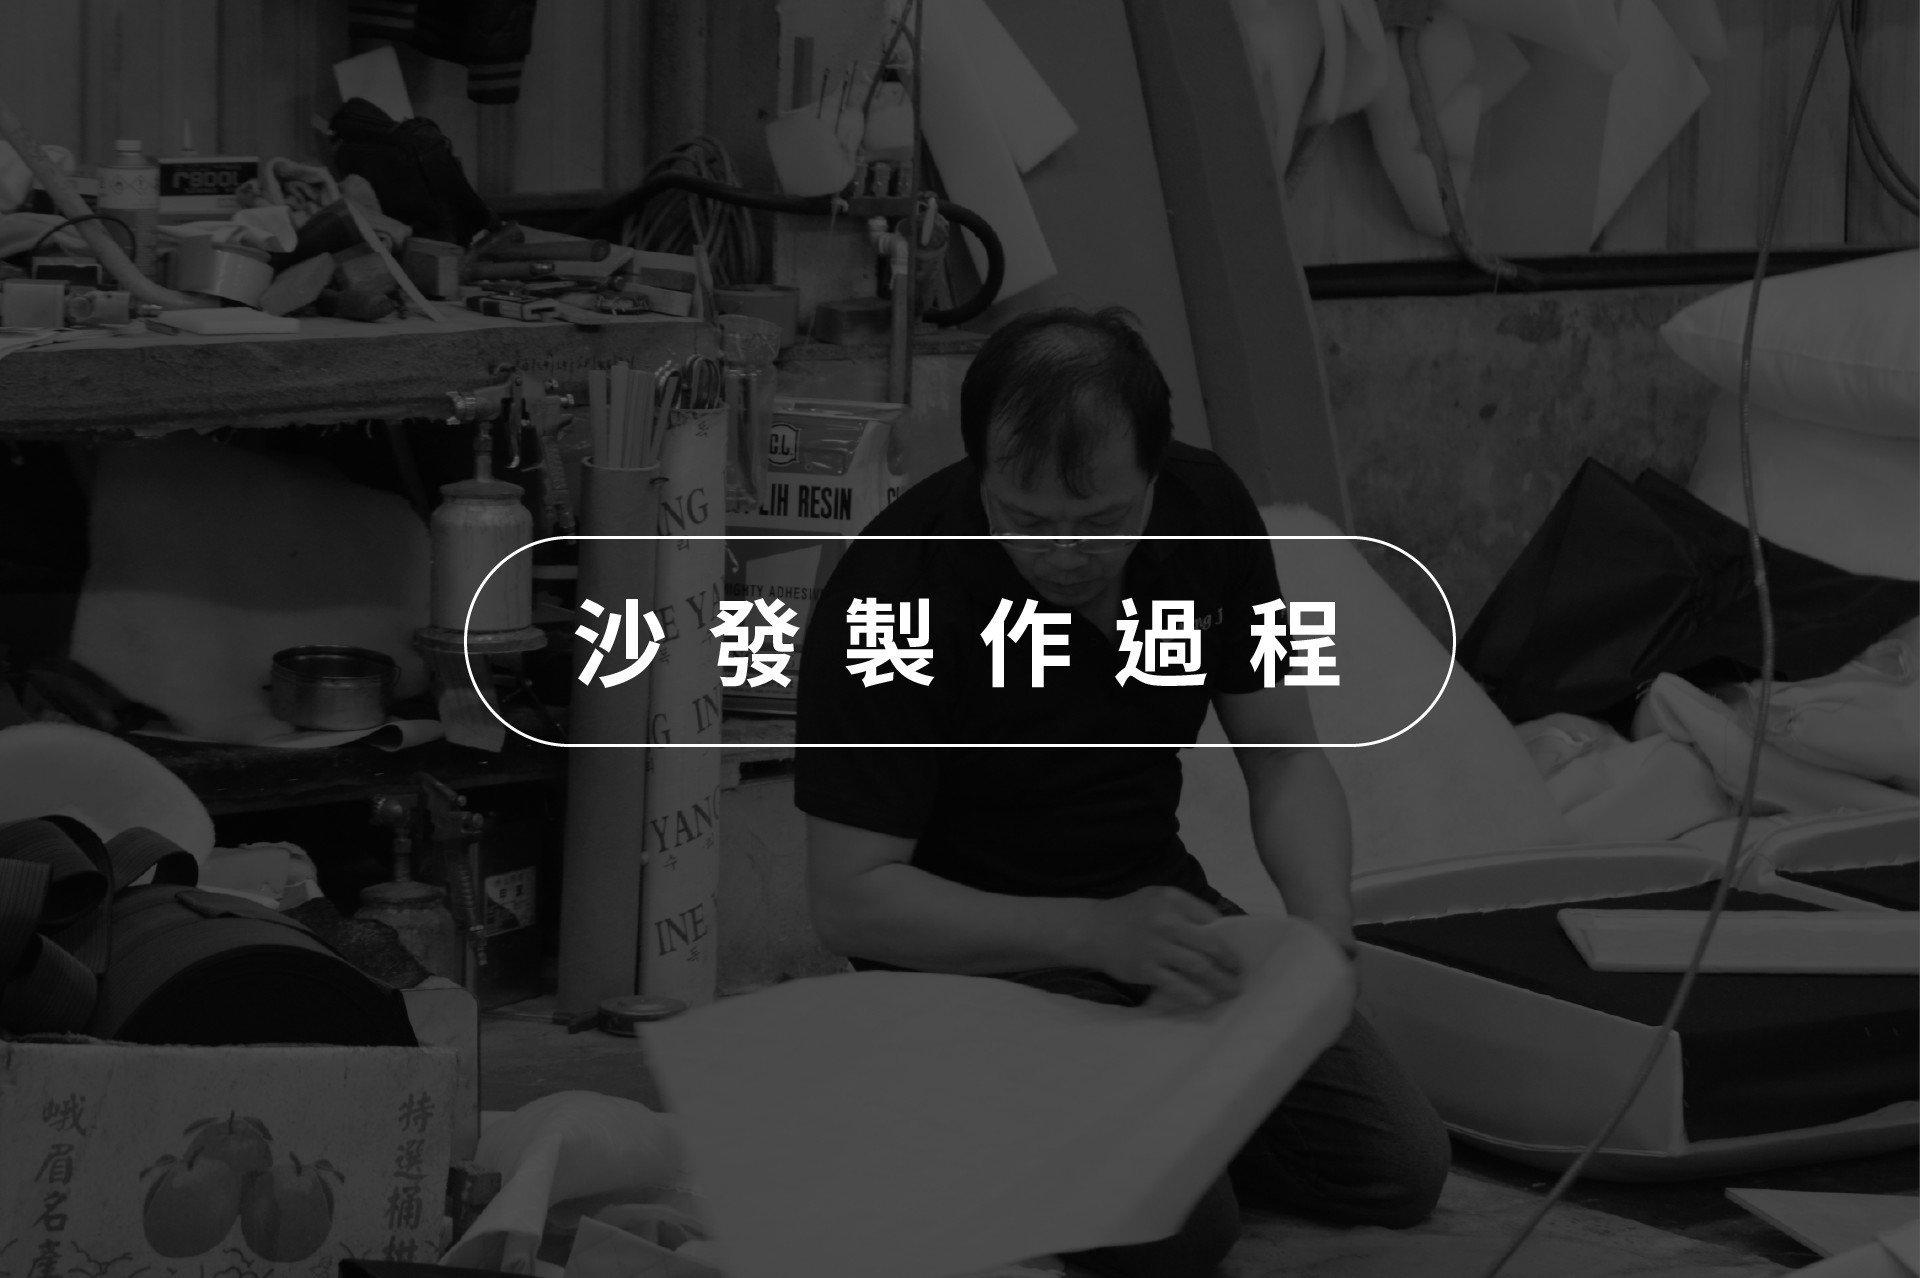 明久家具,專業沙發床墊品牌,其沙發製作過程如下: